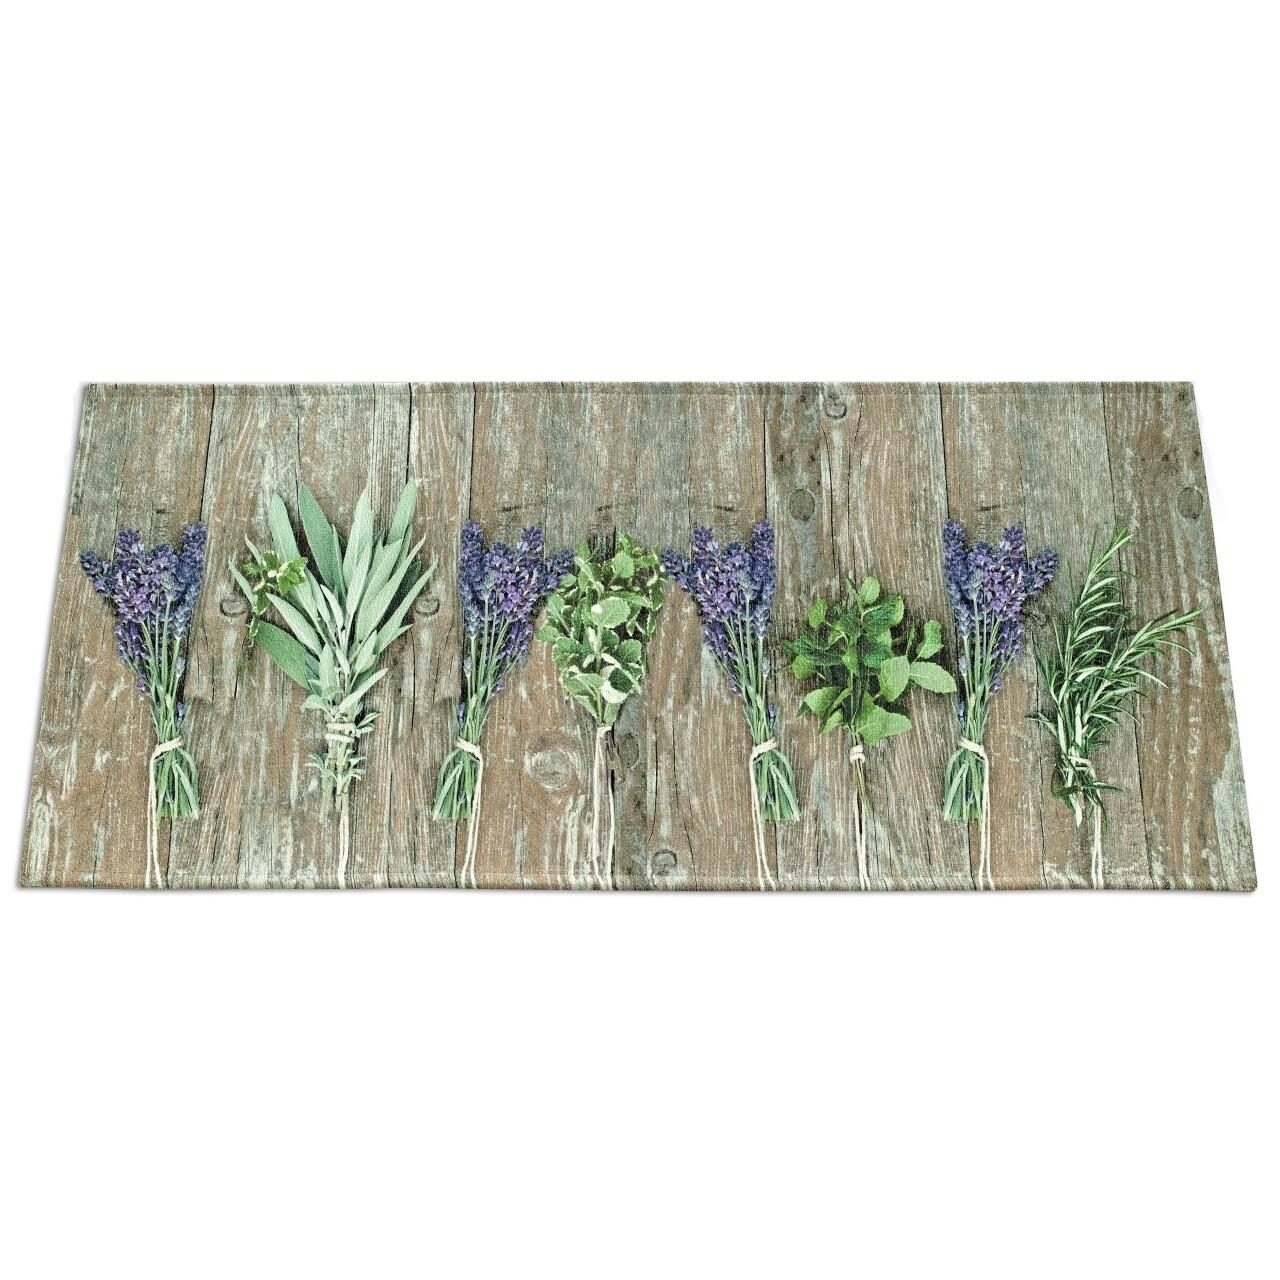 Covor rezistent Webtappeti Lavender 60x190 cm, bej/verde